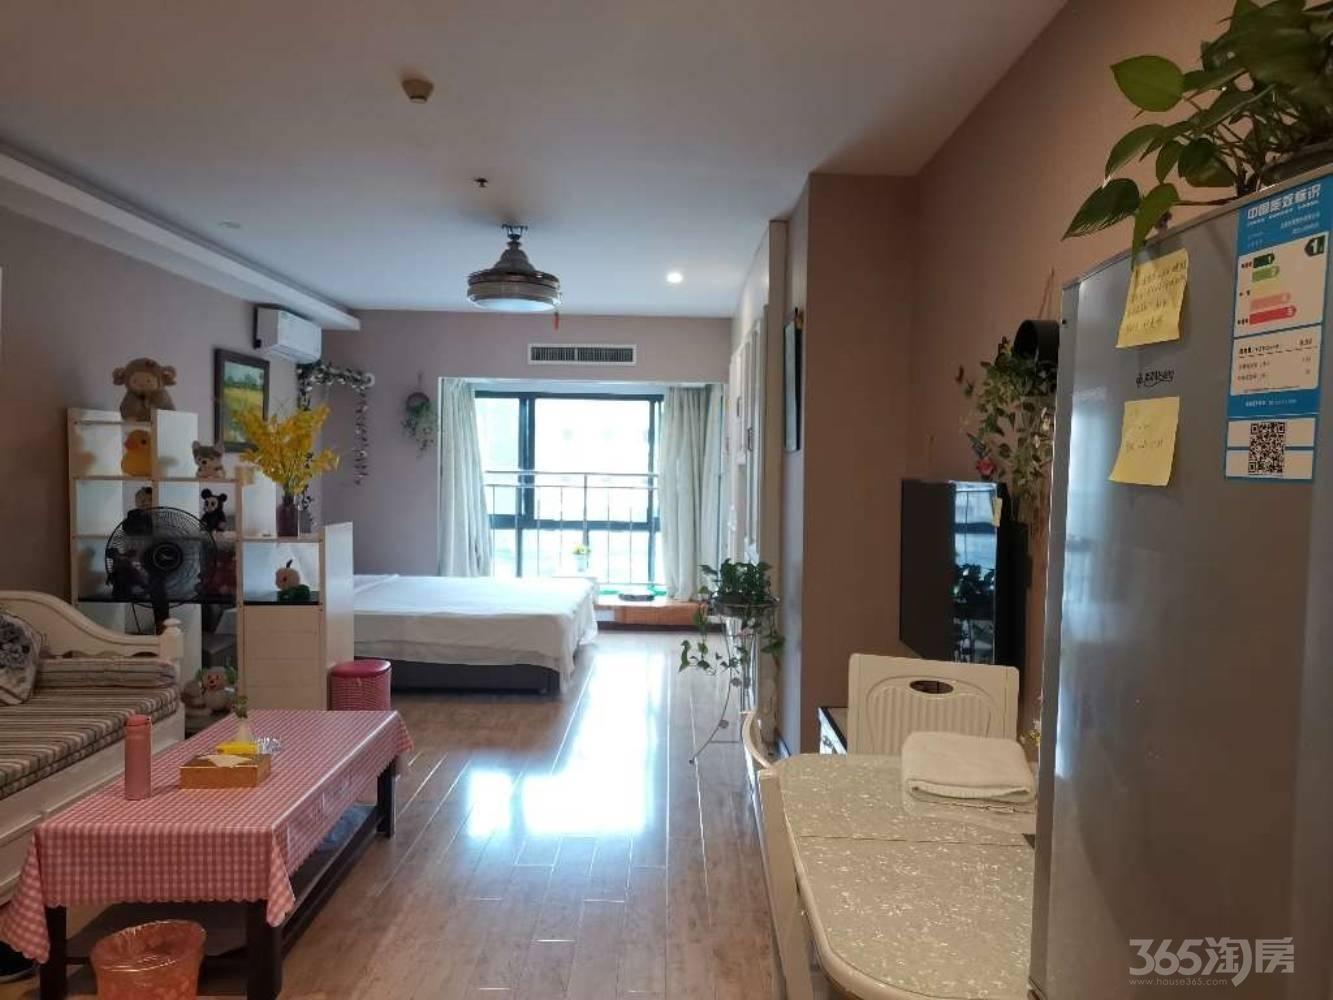 三山街地铁 夫子庙商圈 精锐SOHO 精装酒店公寓 高性价比